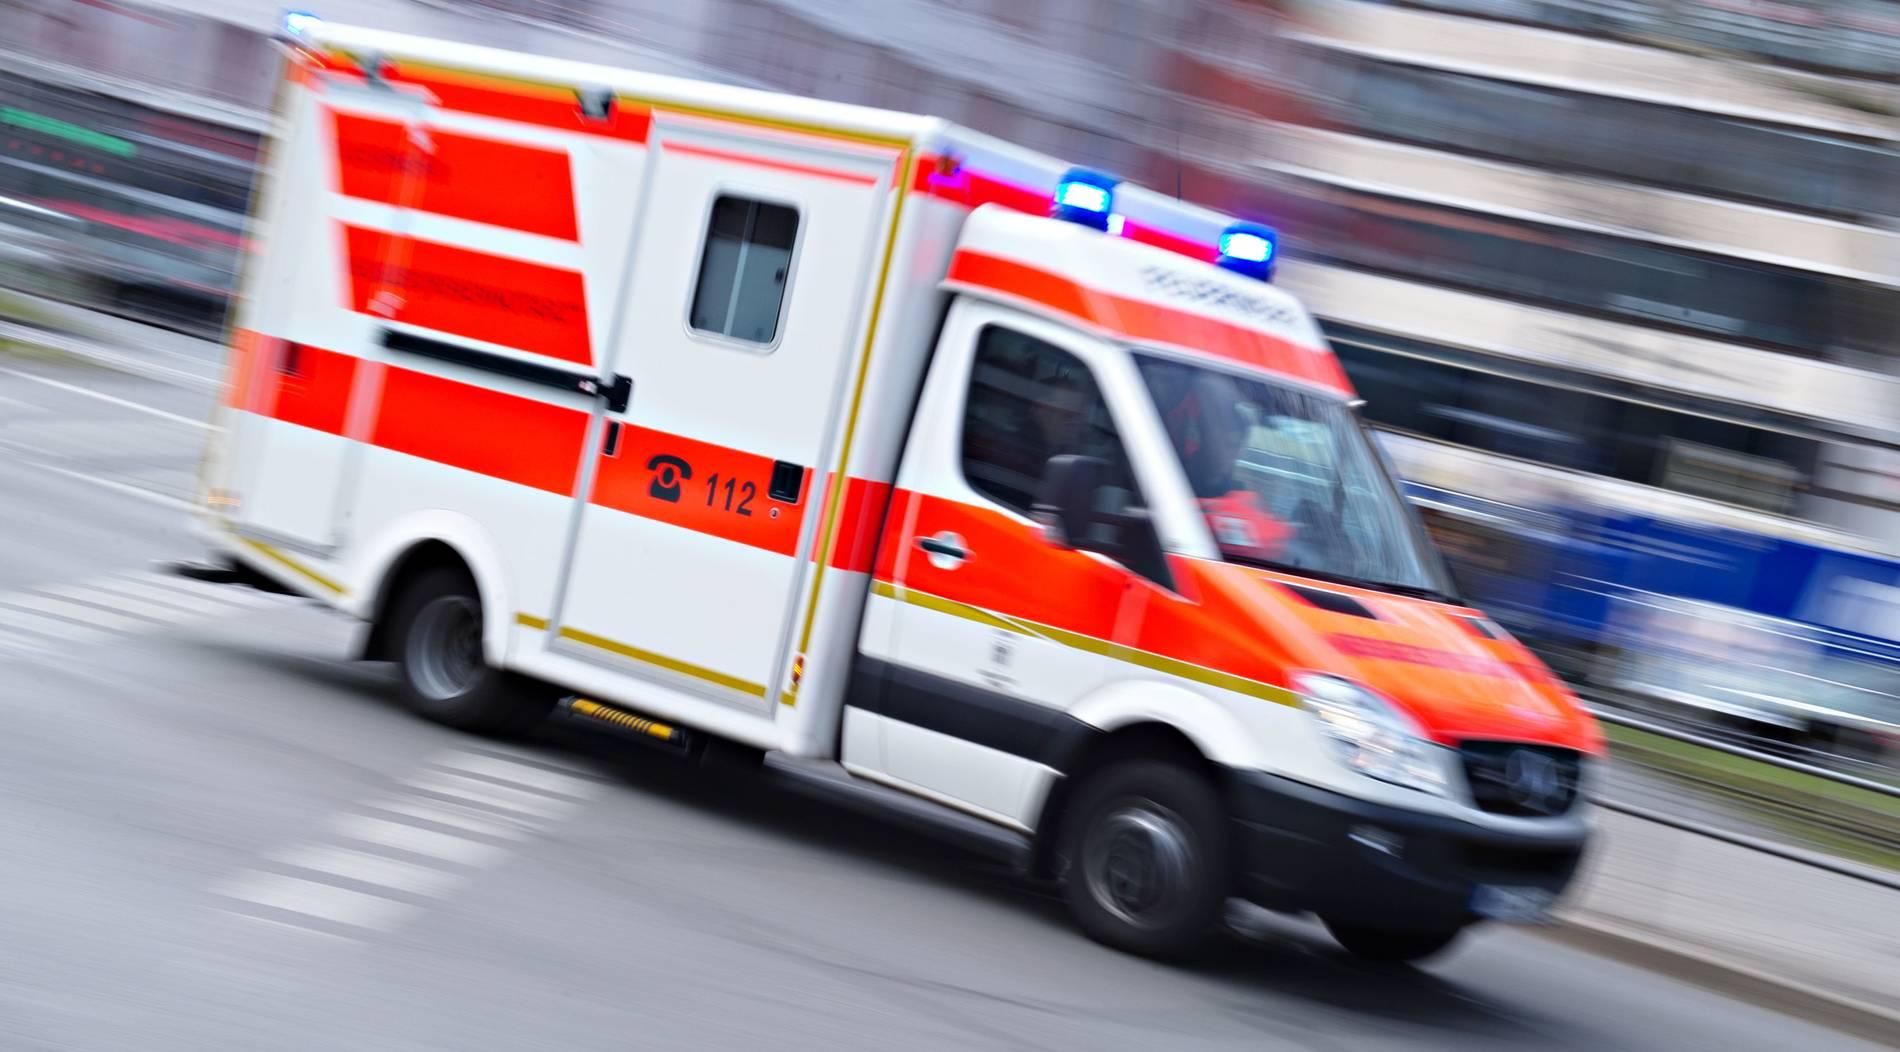 Fußballfans in Duisburg brutal überfallen - Vater und Sohn verprügelt